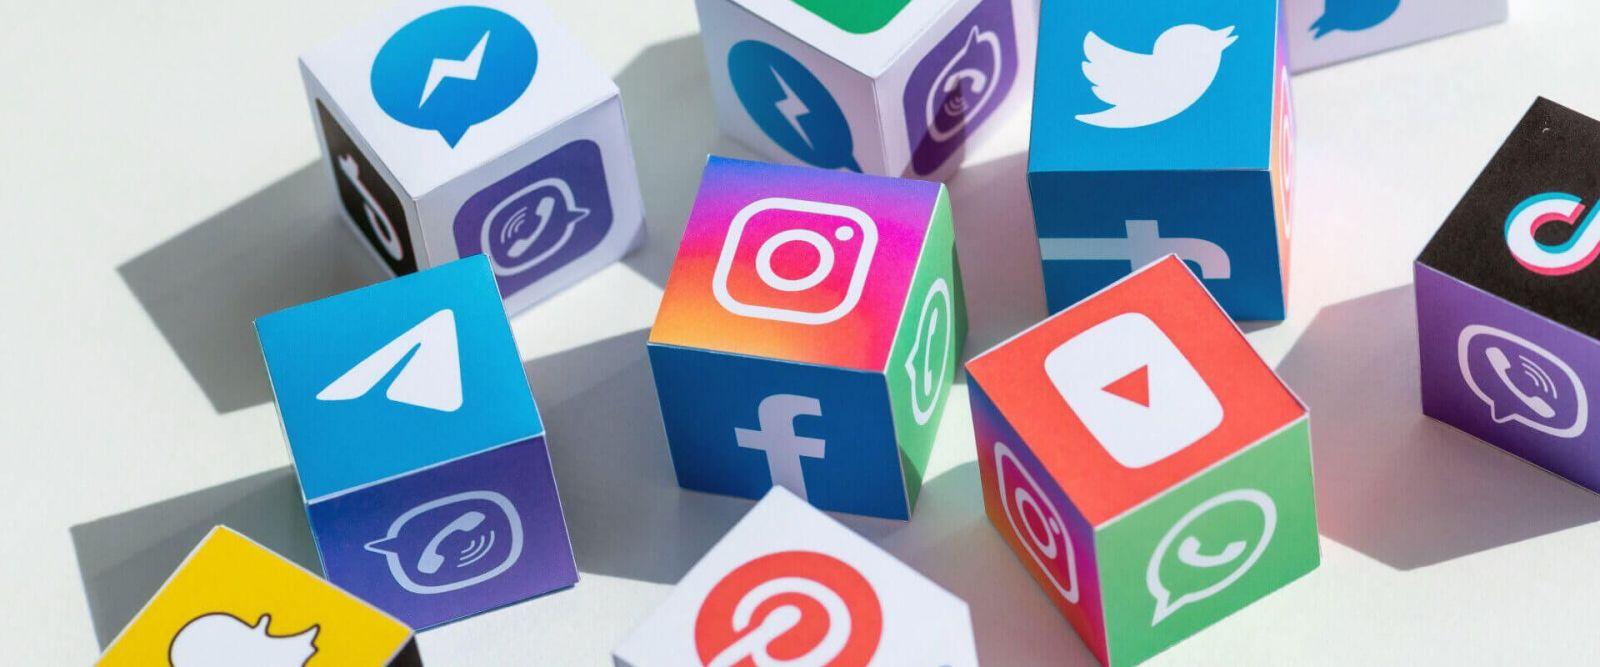 Las redes sociales disparan sus estadísticas en tiempos de pandemia